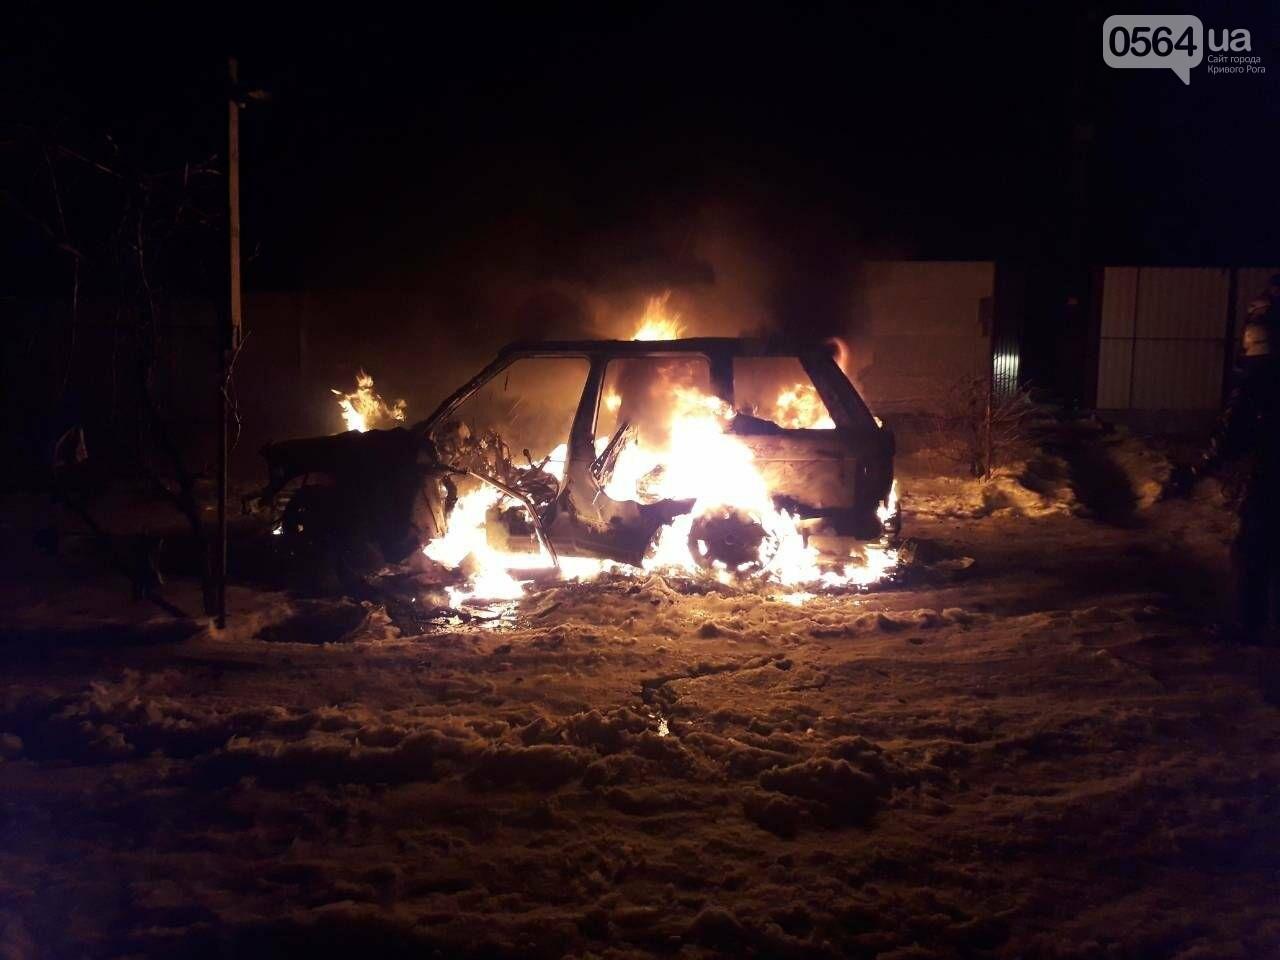 В Кривом Роге во дворе частного дома сгорел элитный автомобиль (ОБНОВЛЕНО, ФОТО), фото-1